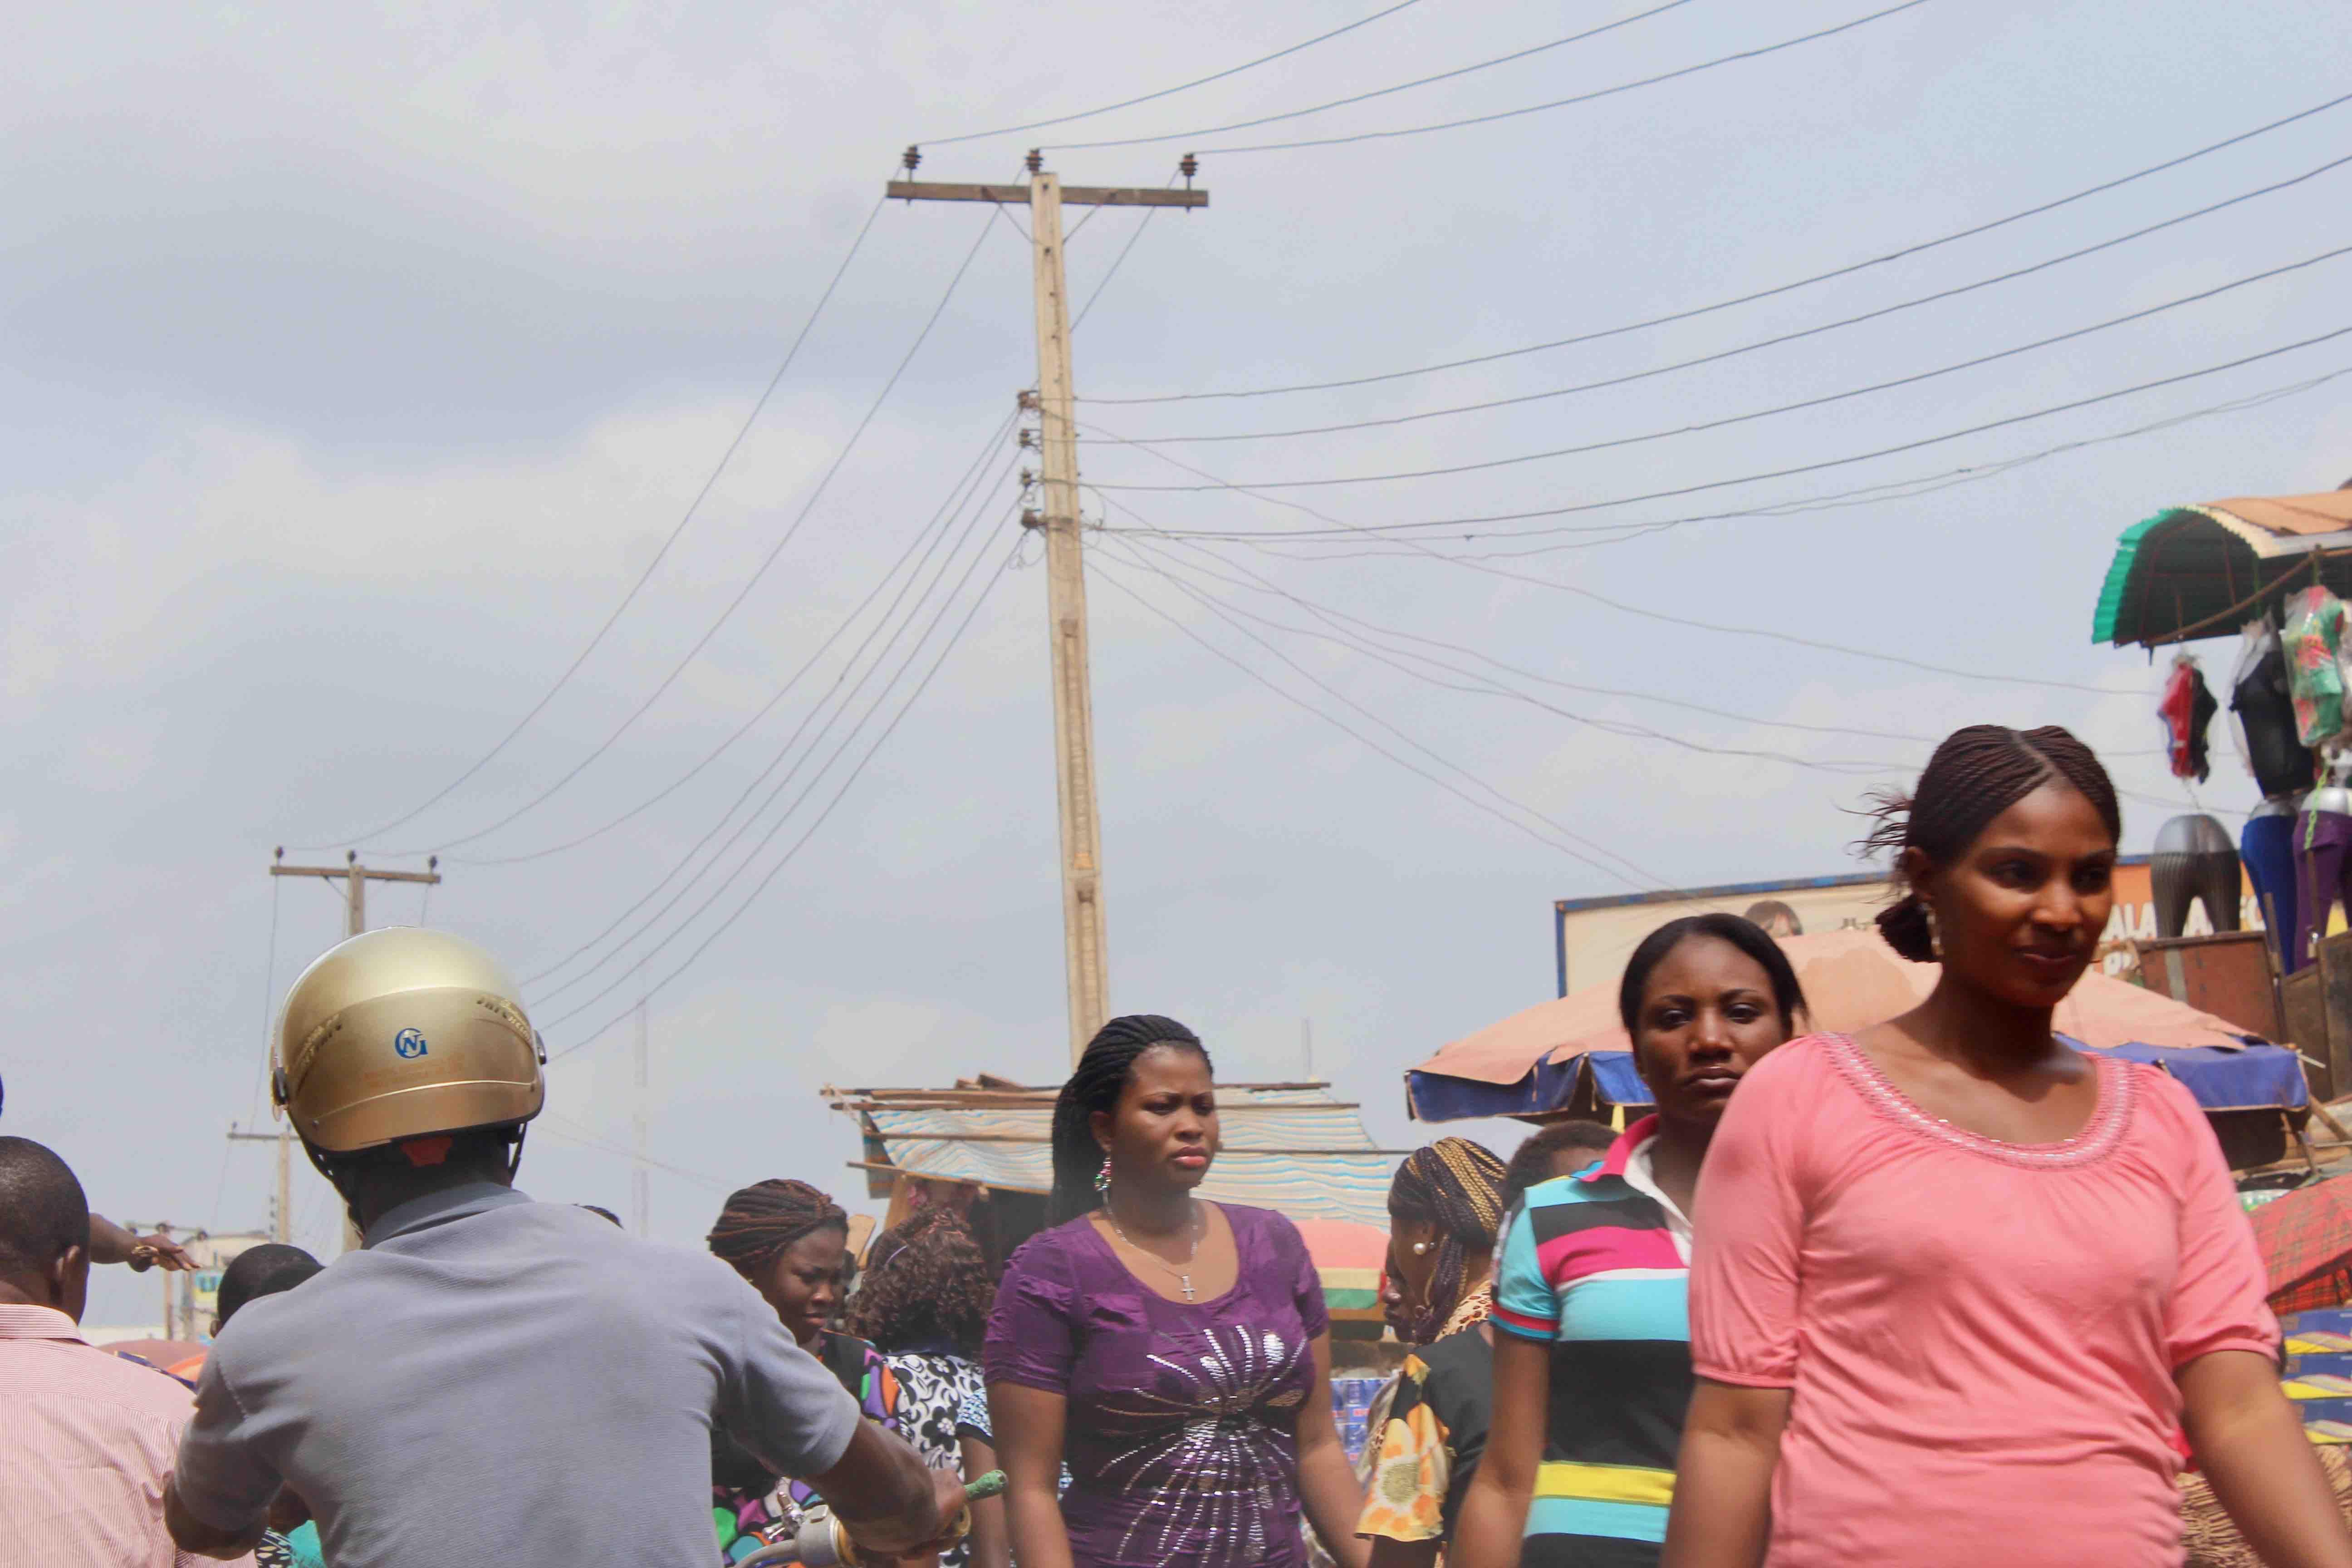 Nkpor Market Scene, Nkpor, Onitsha, Anambra State, Nigeria. #JujuFilms